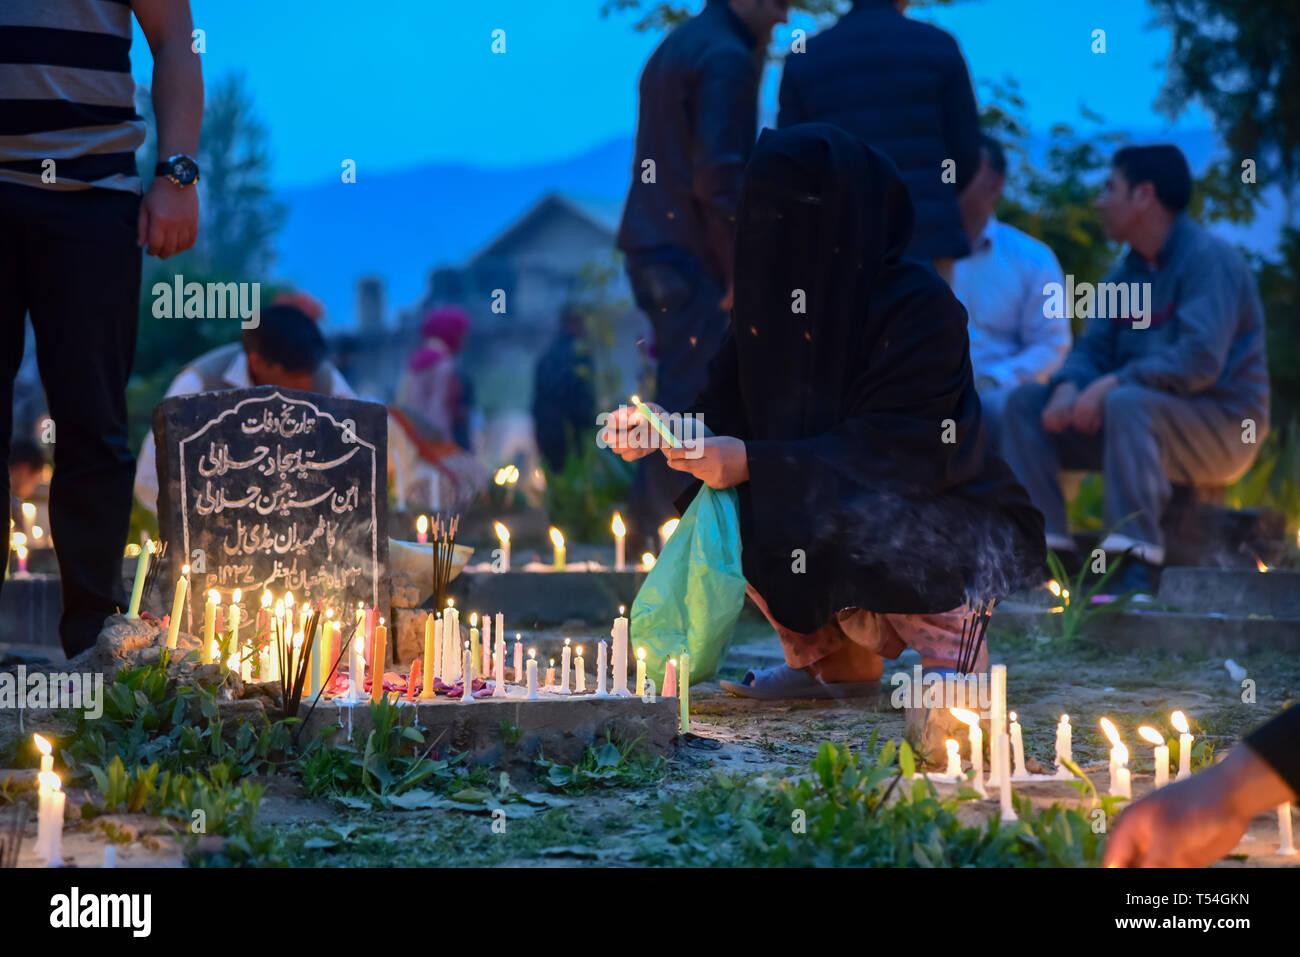 Srinagar, India  20th Apr, 2019  A Kashmiri Shia Muslim